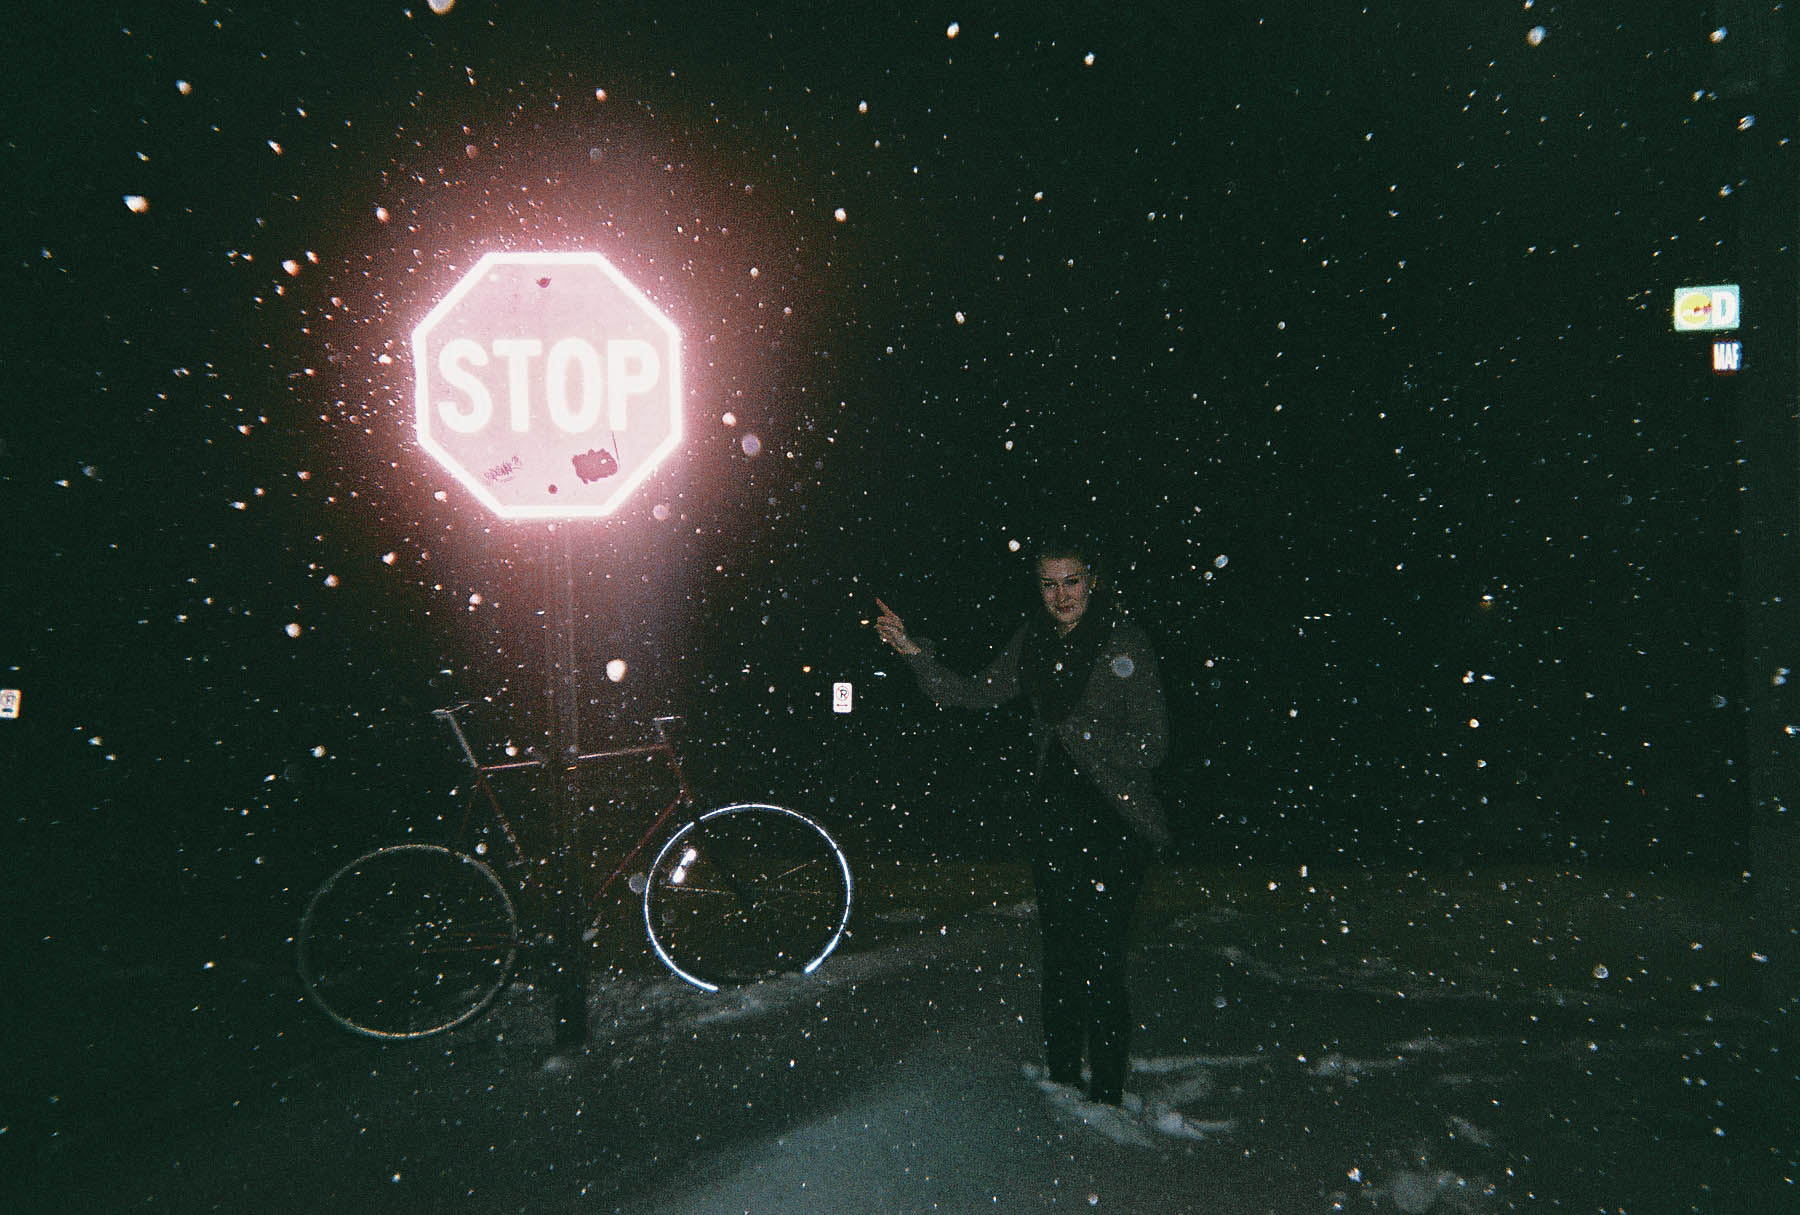 stopsign-1.jpg